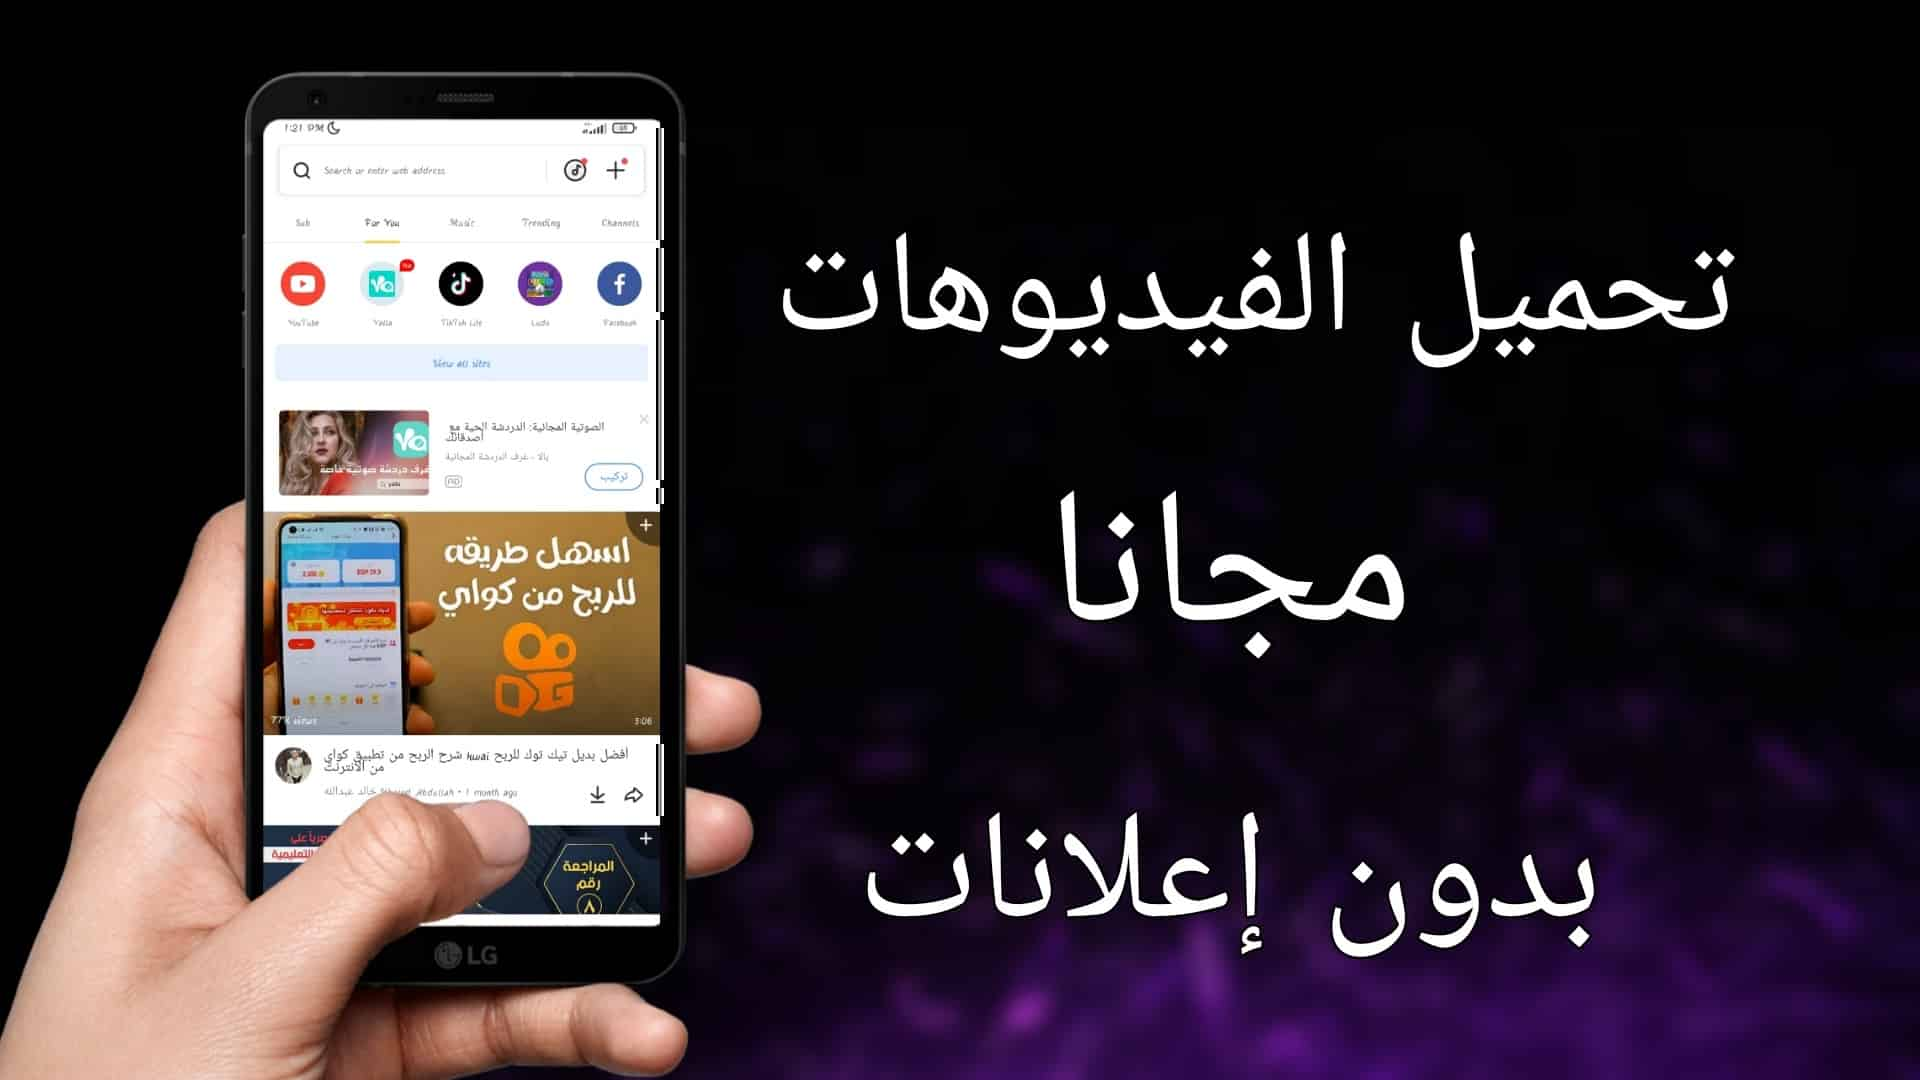 تطبيق تنزيل الفيديوهات من اليوتيوب